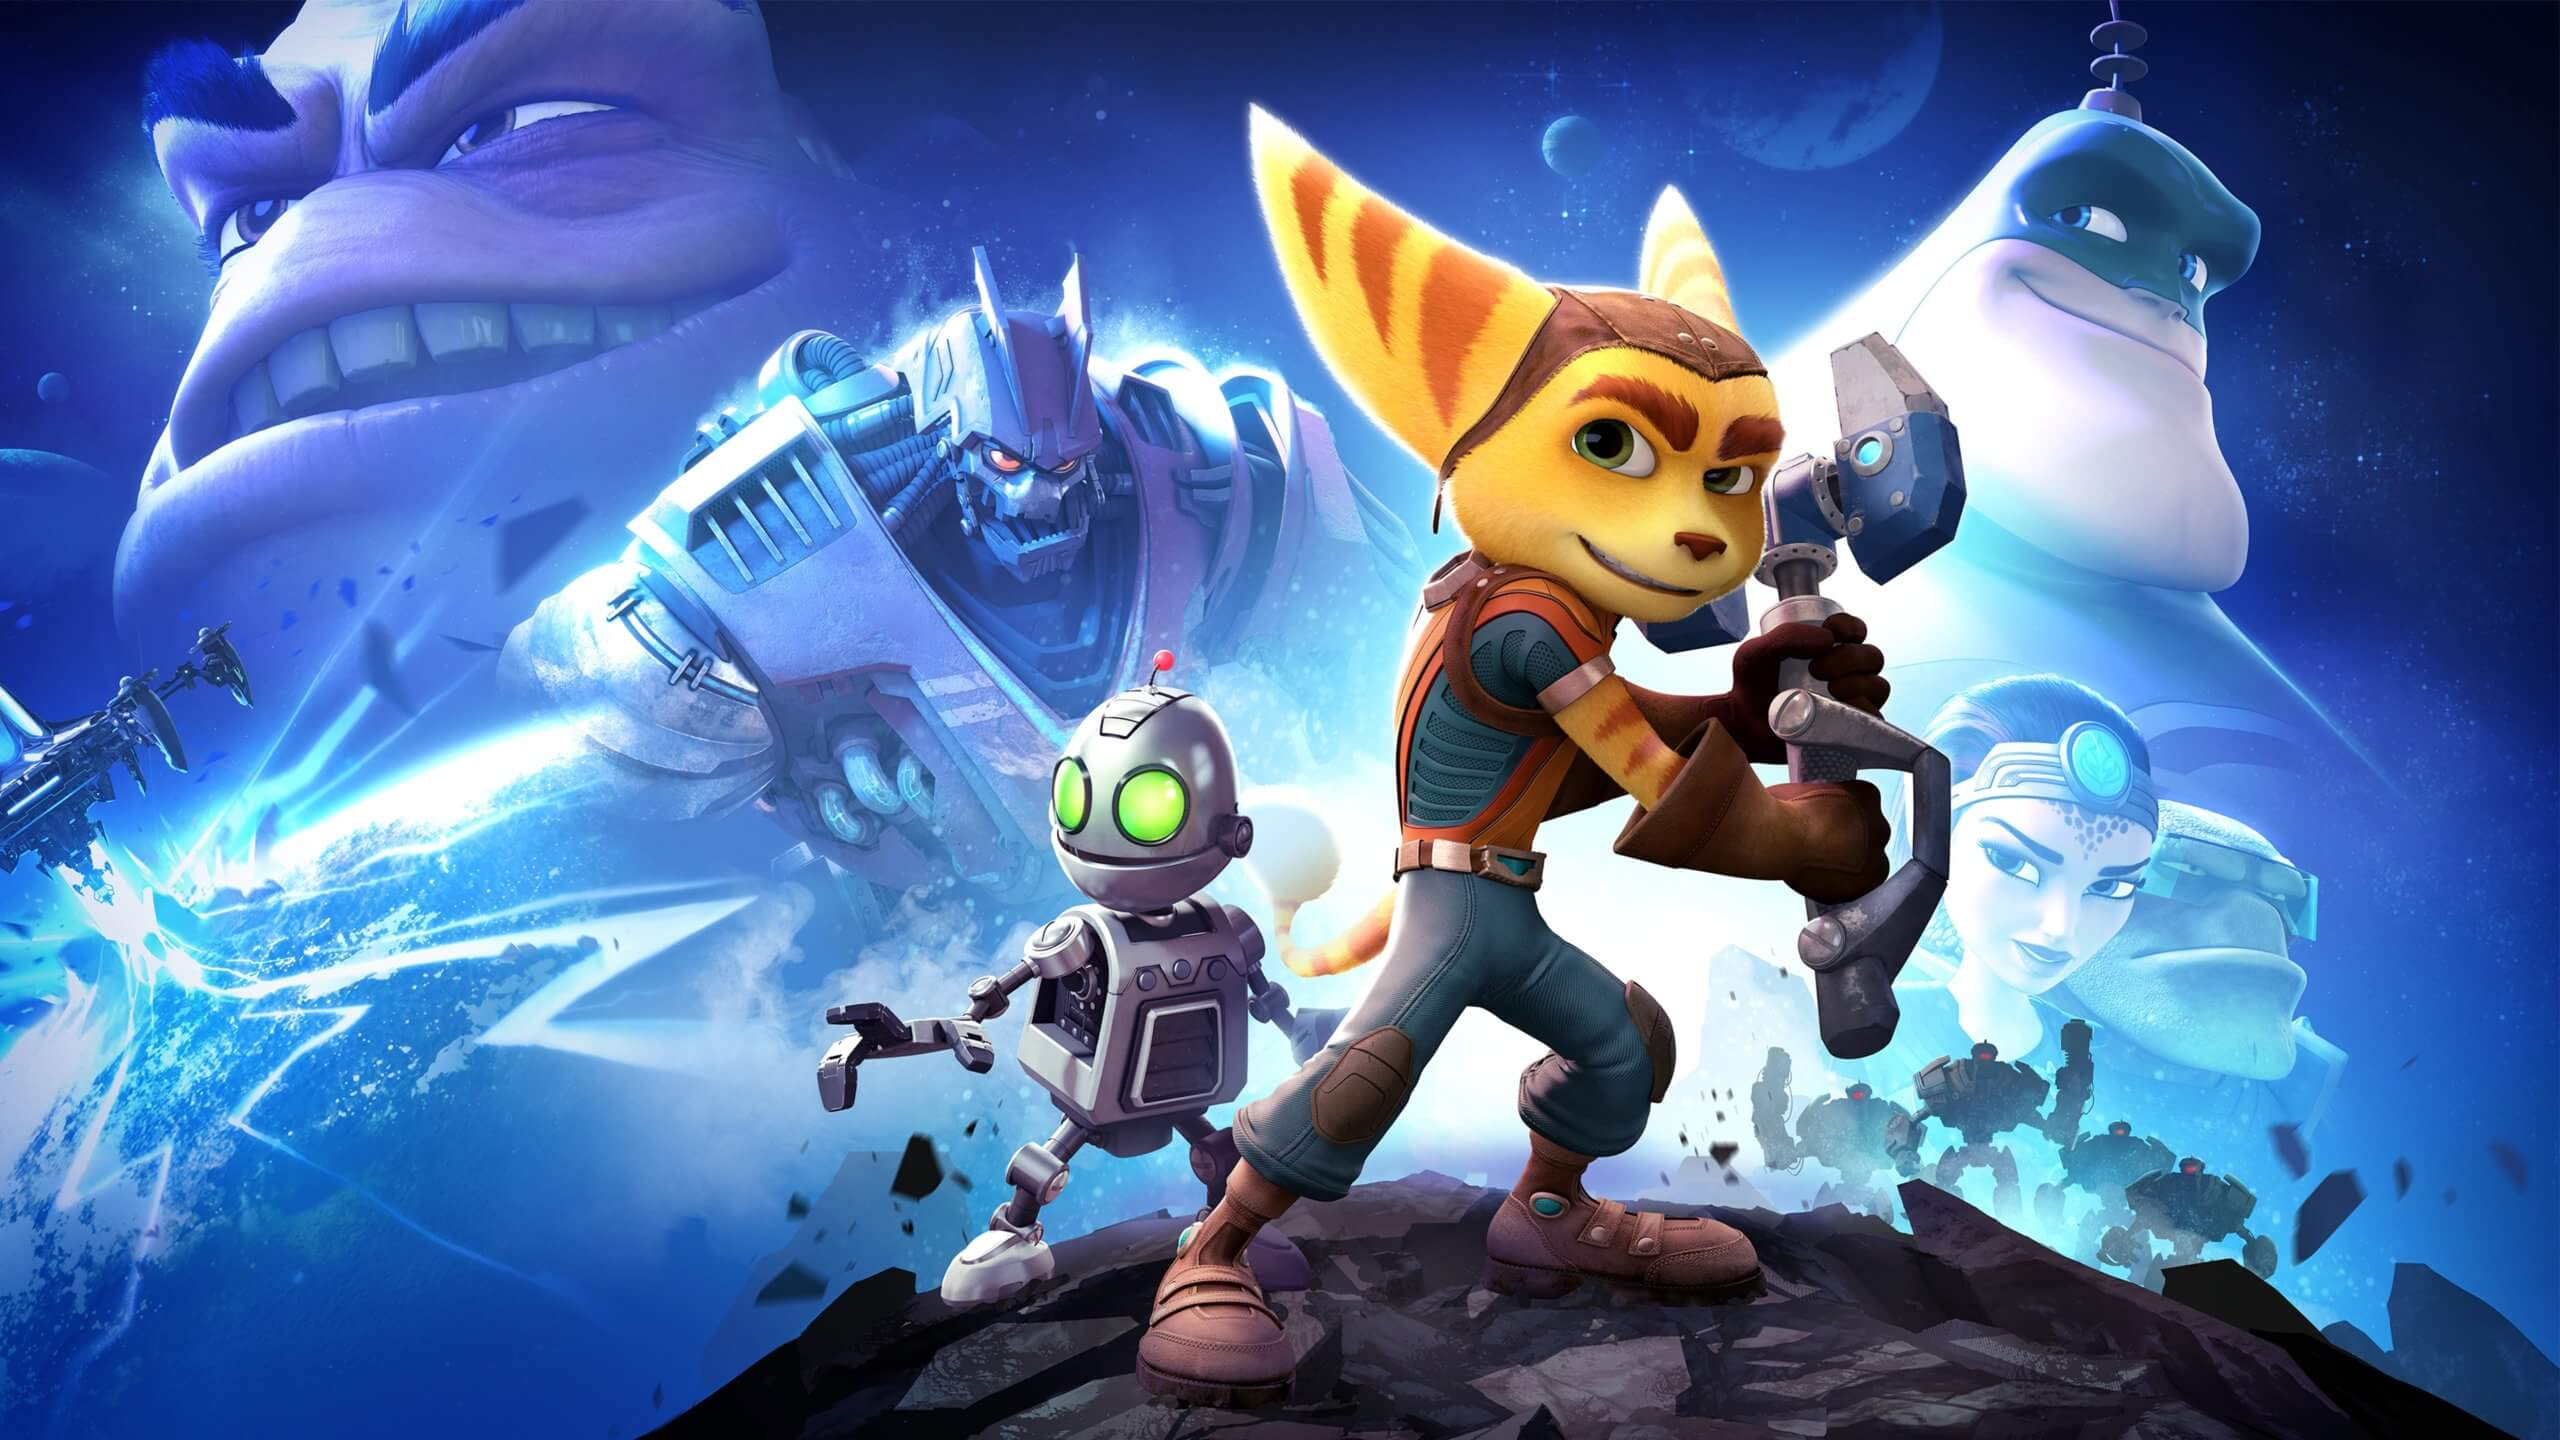 Ratchet & Clank será gratis en PS5 y PS4 este mes, consulta su fecha y horario de llegada